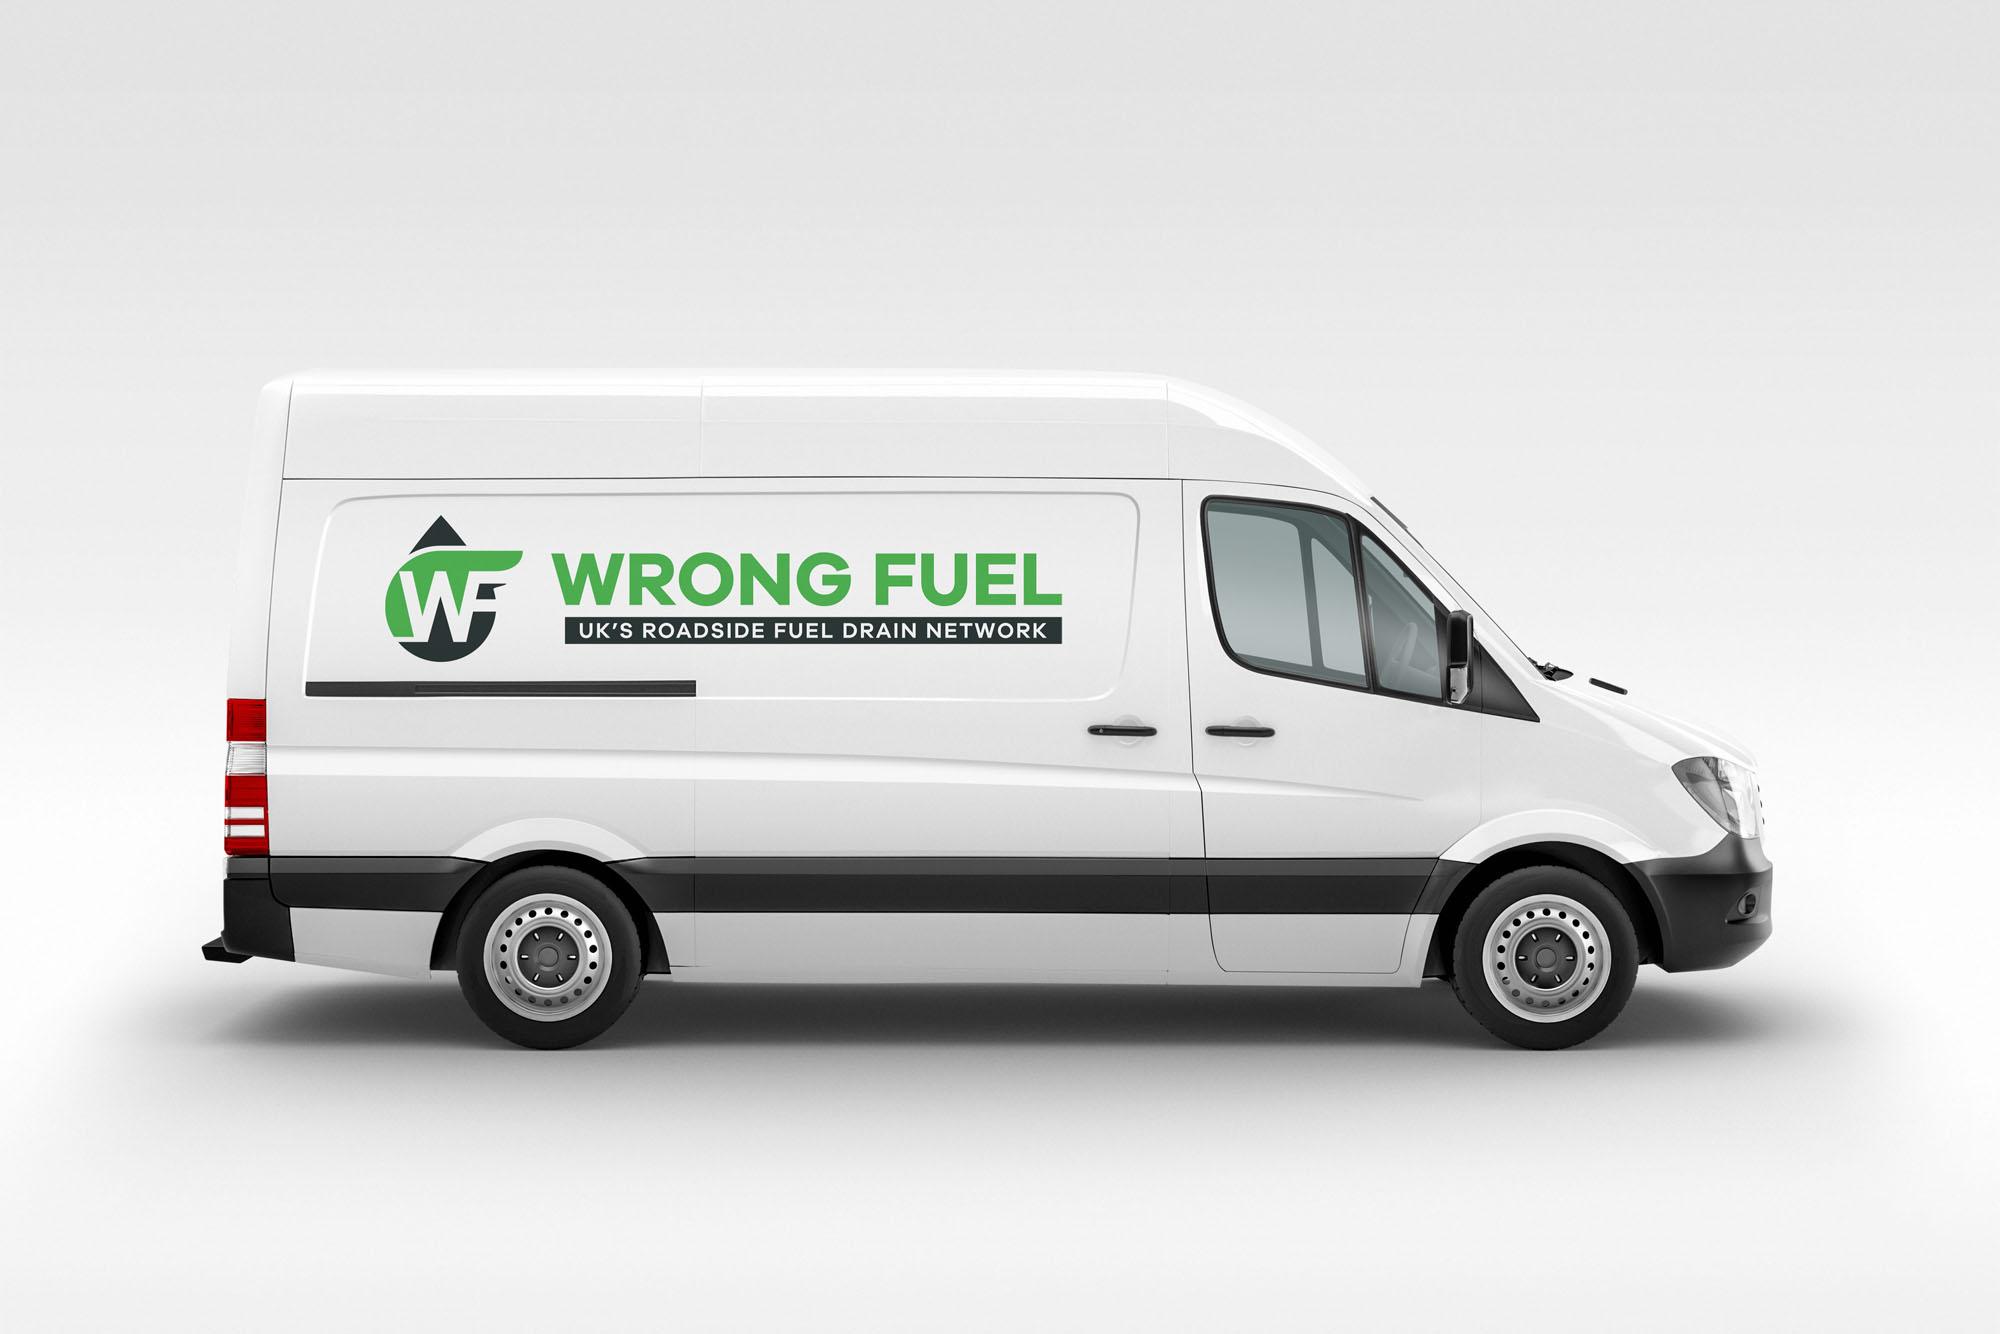 Wrong Fuel van